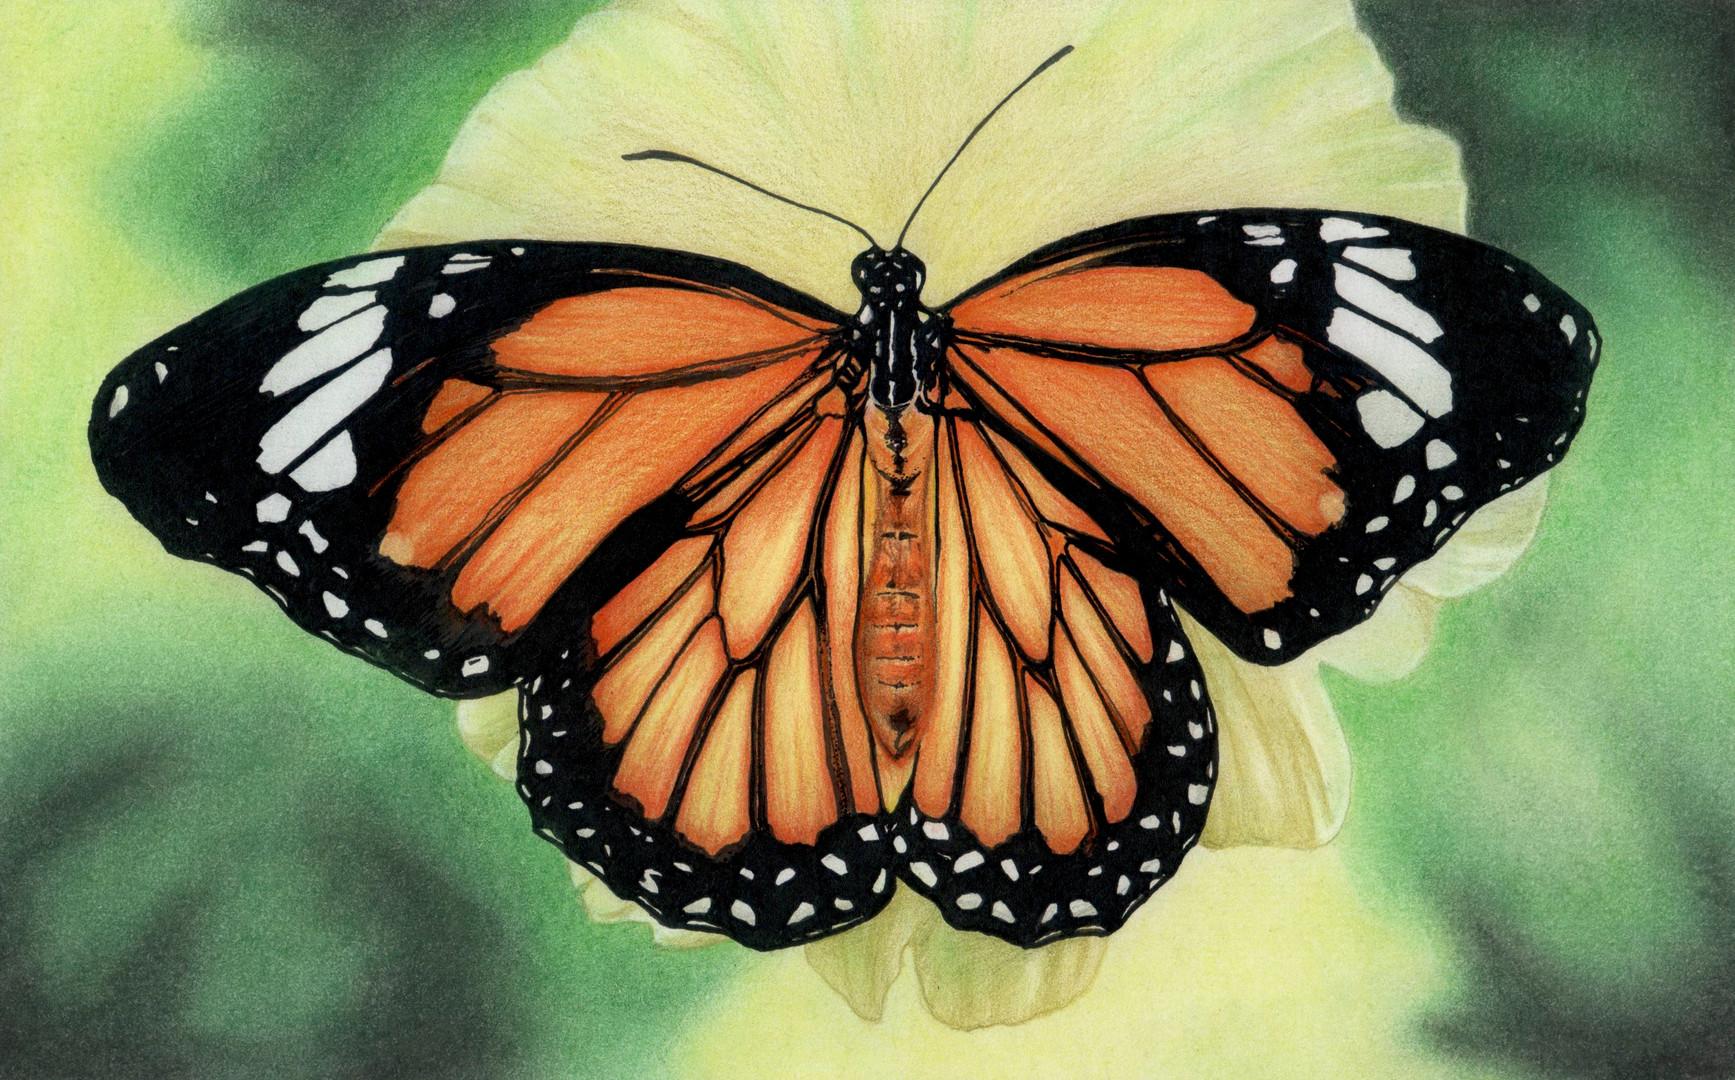 Butterfly III illustration